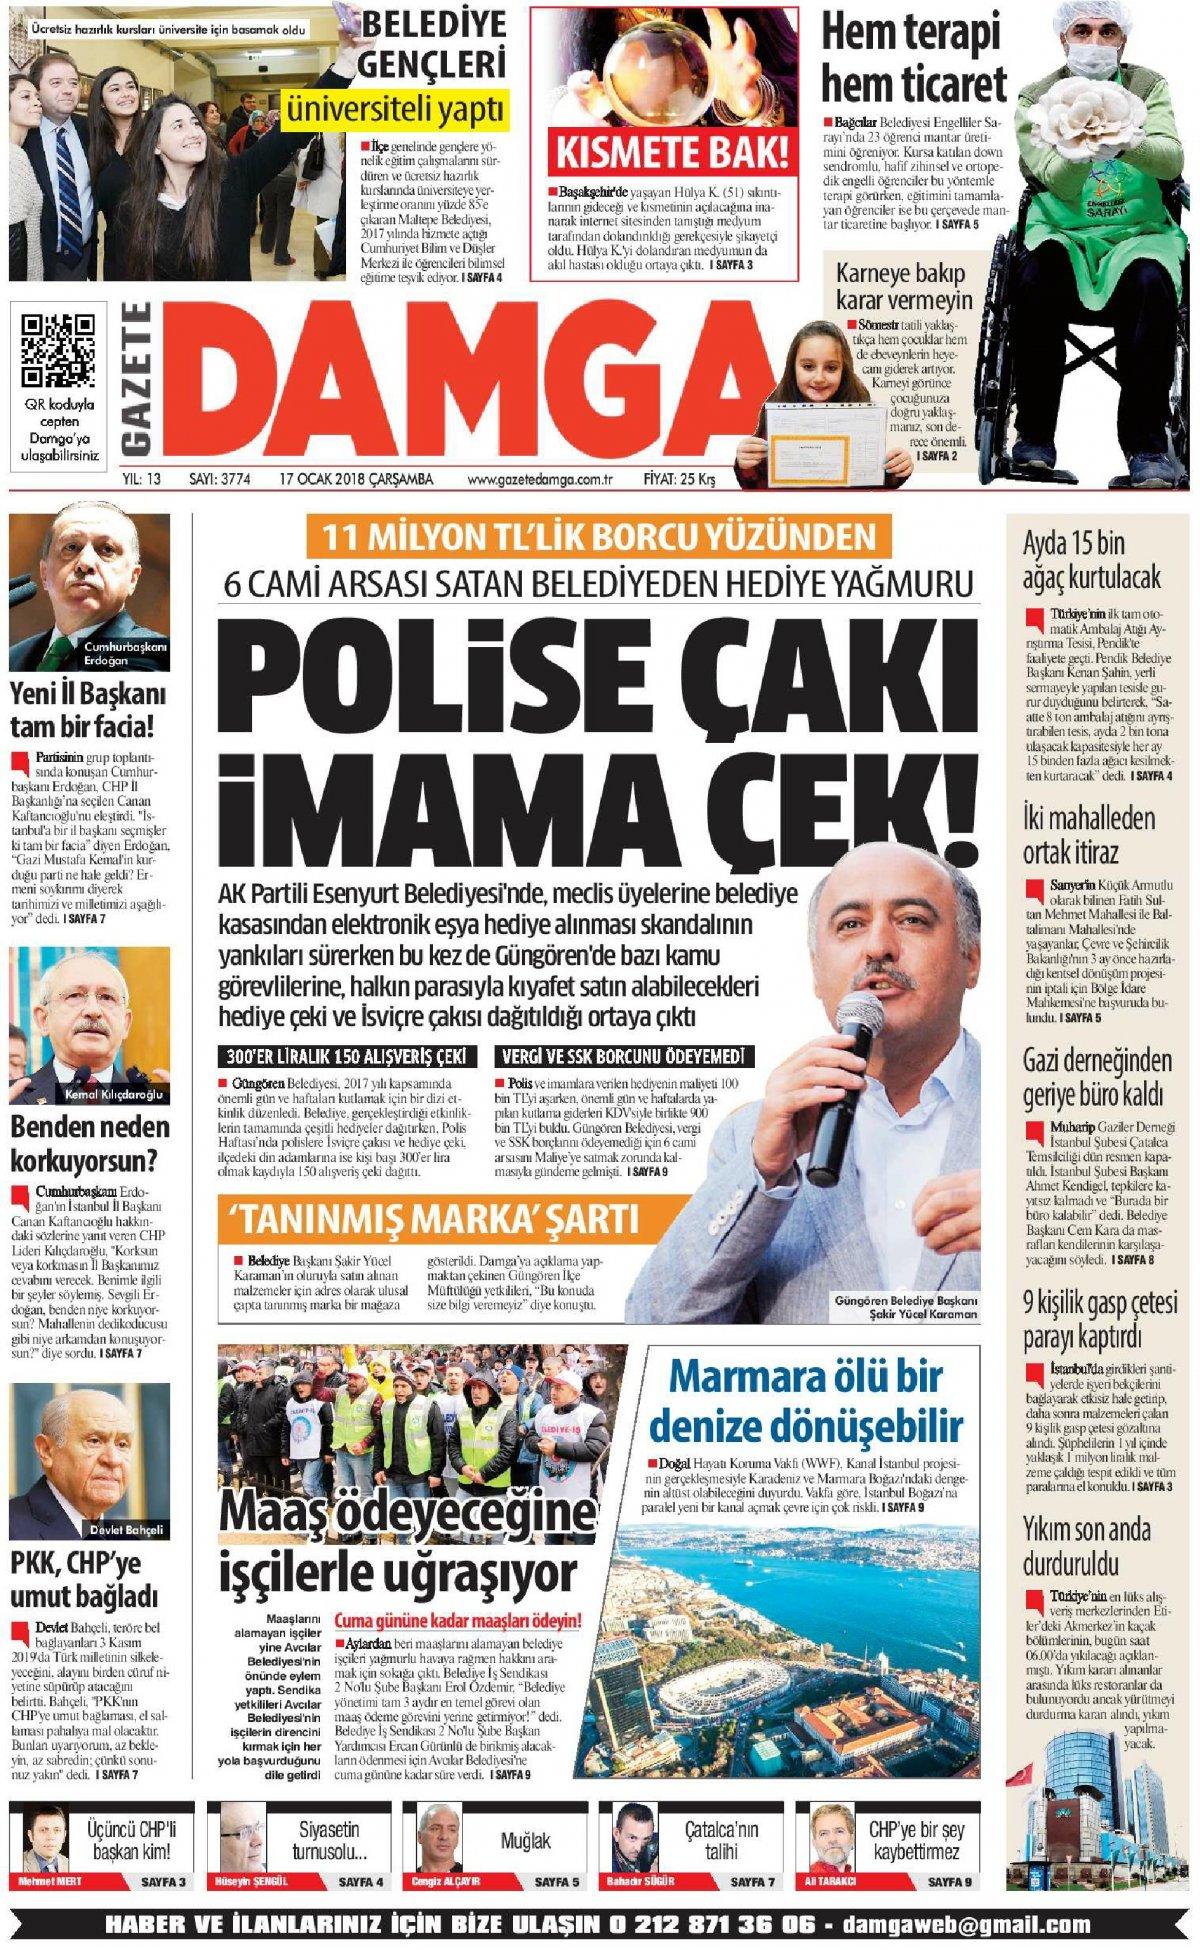 Gazete Damga - 17.01.2018 Manşeti